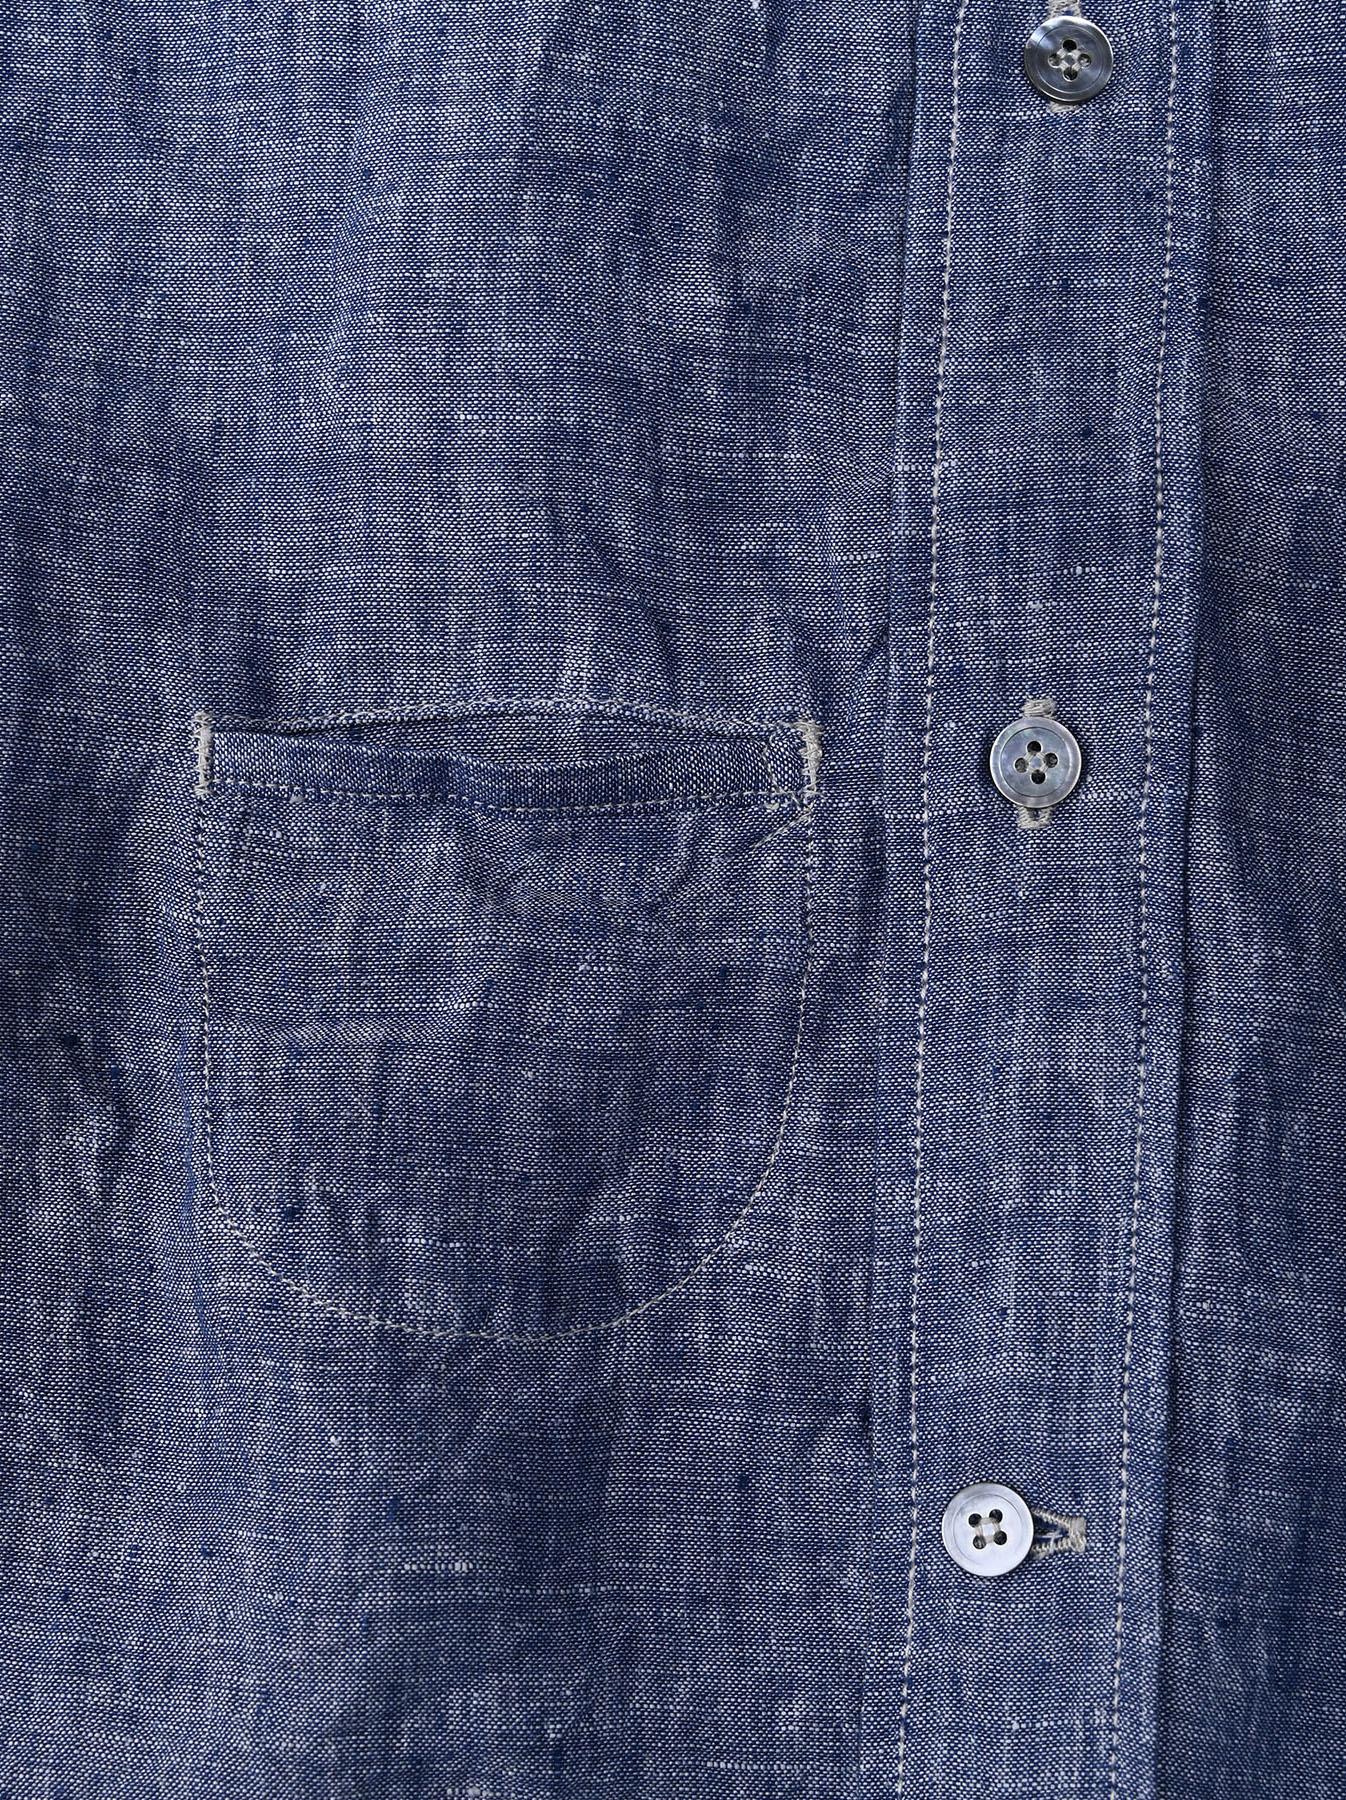 Indian Linen 908 Ocean Button Down Shirt (0421)-10